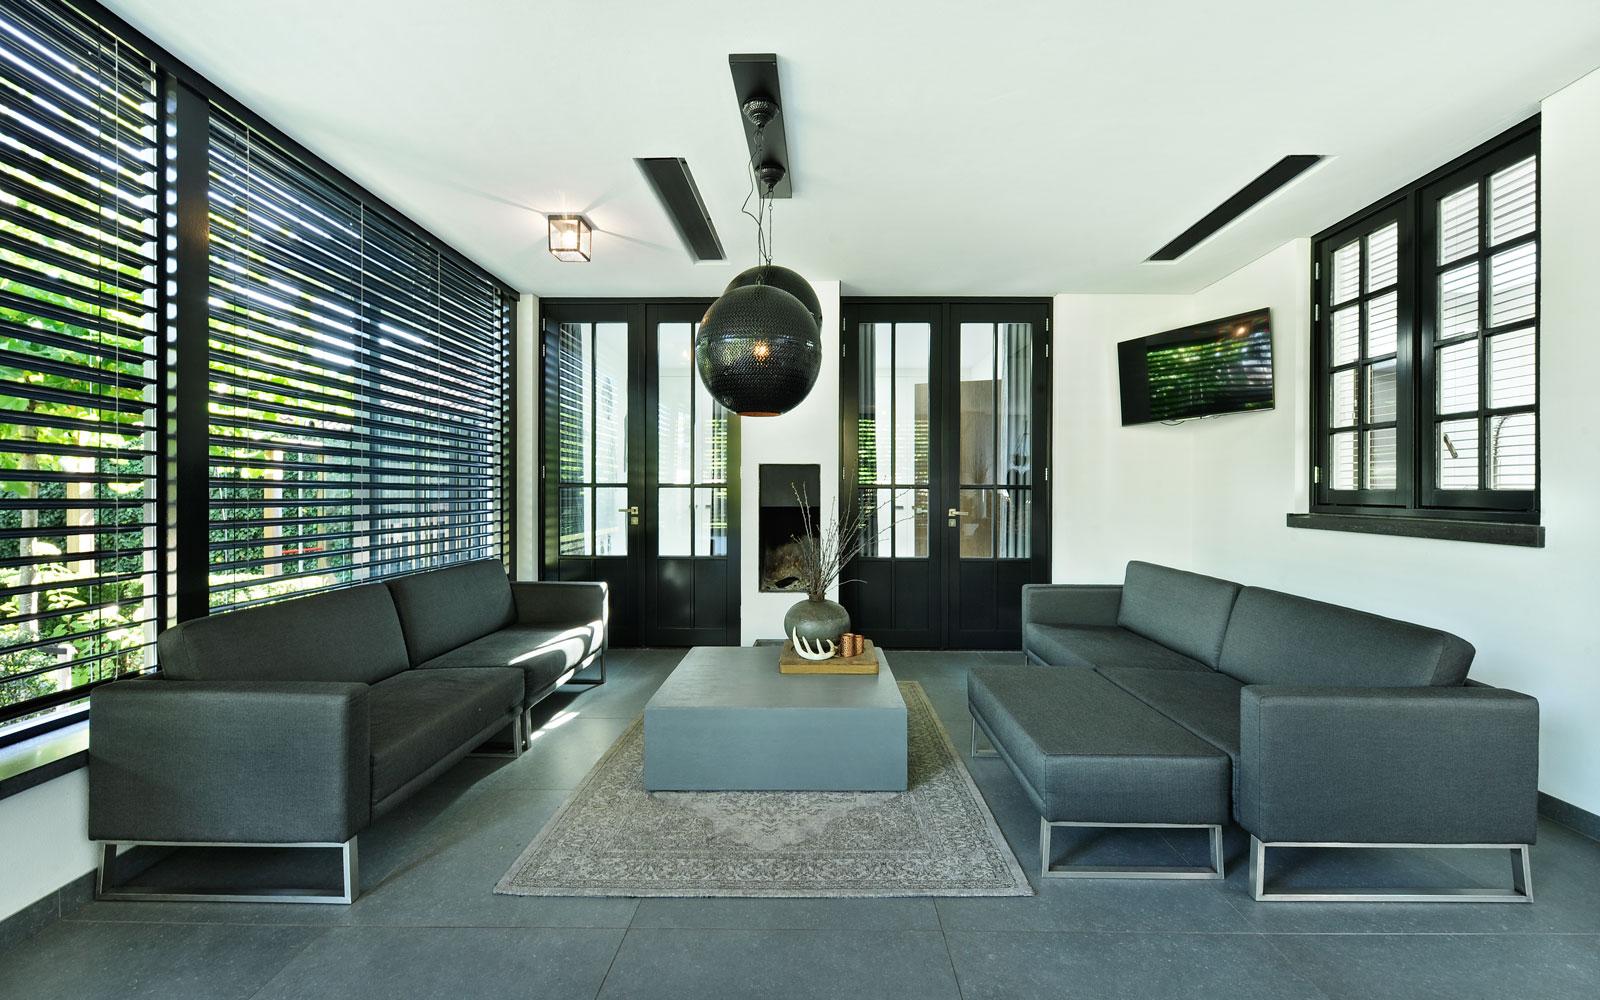 Veranda, binnenruimte, buitenruimte, natuurlijke overgang, shutters, metamorfose, Boxxis Architecten